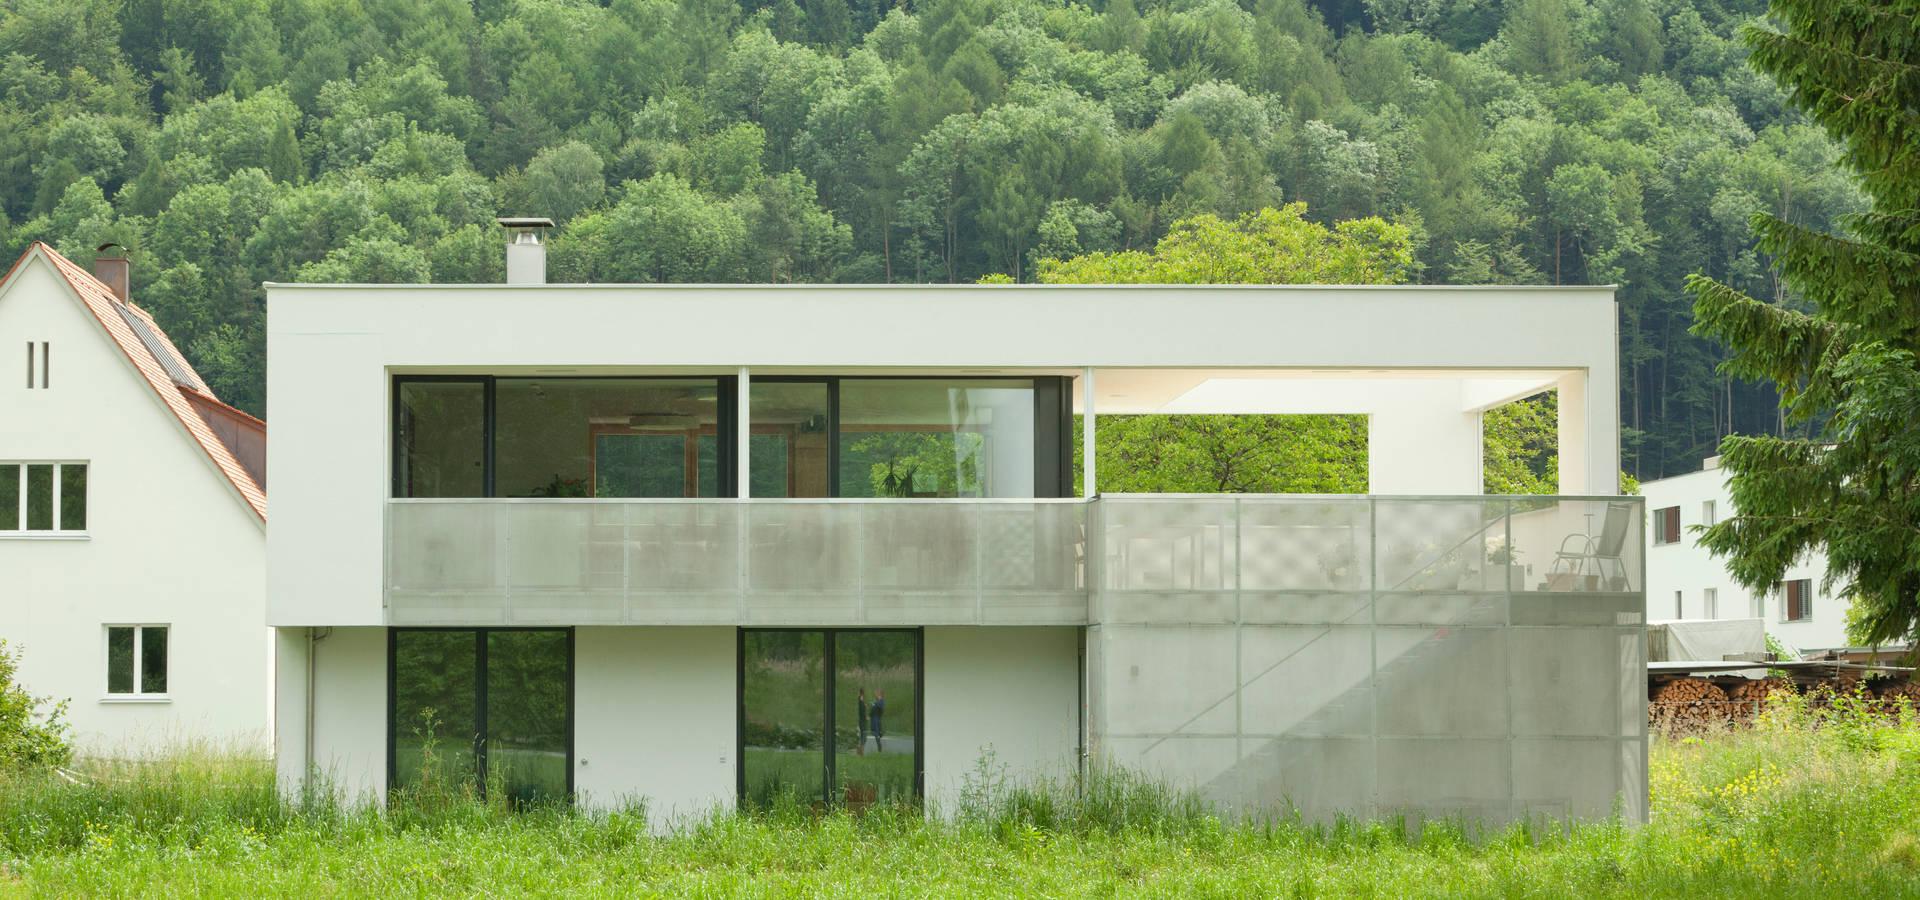 Catharina Fineder Architektur